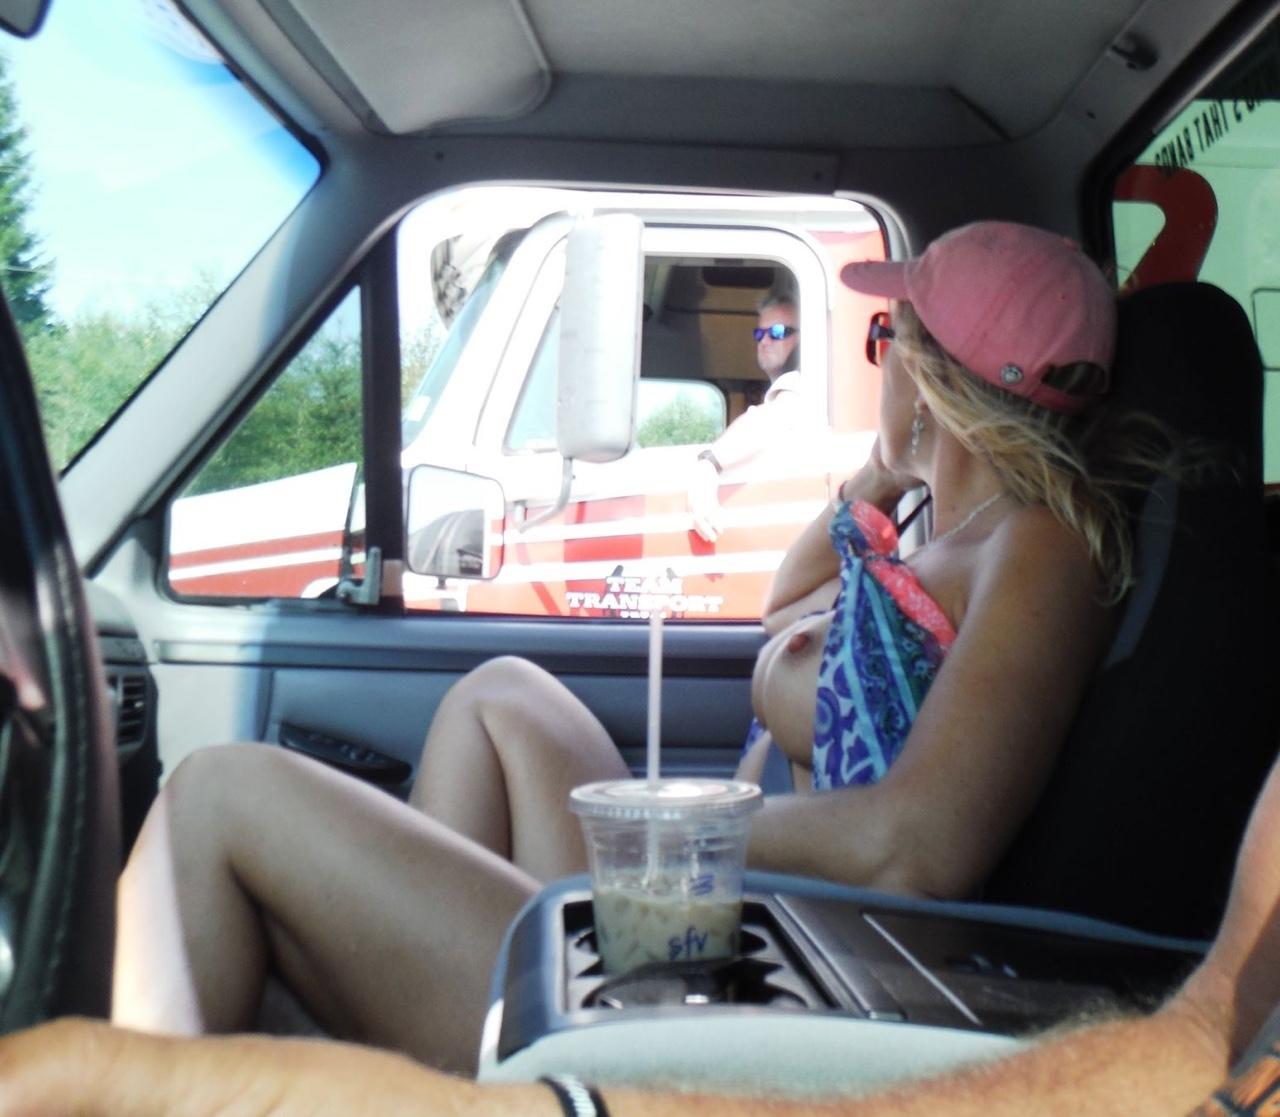 渋滞中のヘンタイ女の過ごし方をご覧くださいwwwww(画像あり)・2枚目